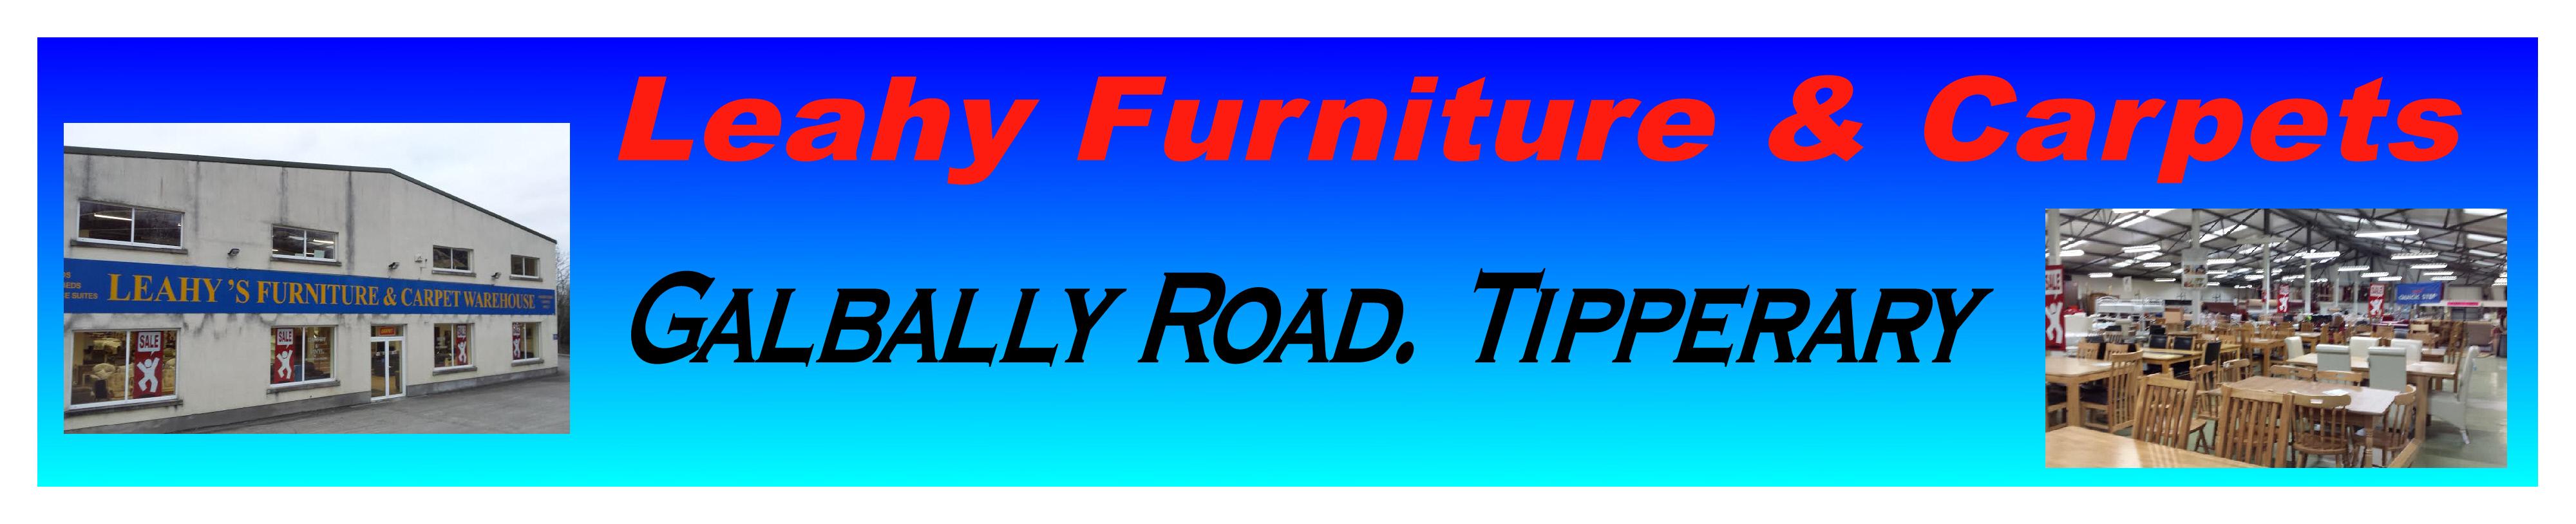 Acc online shop